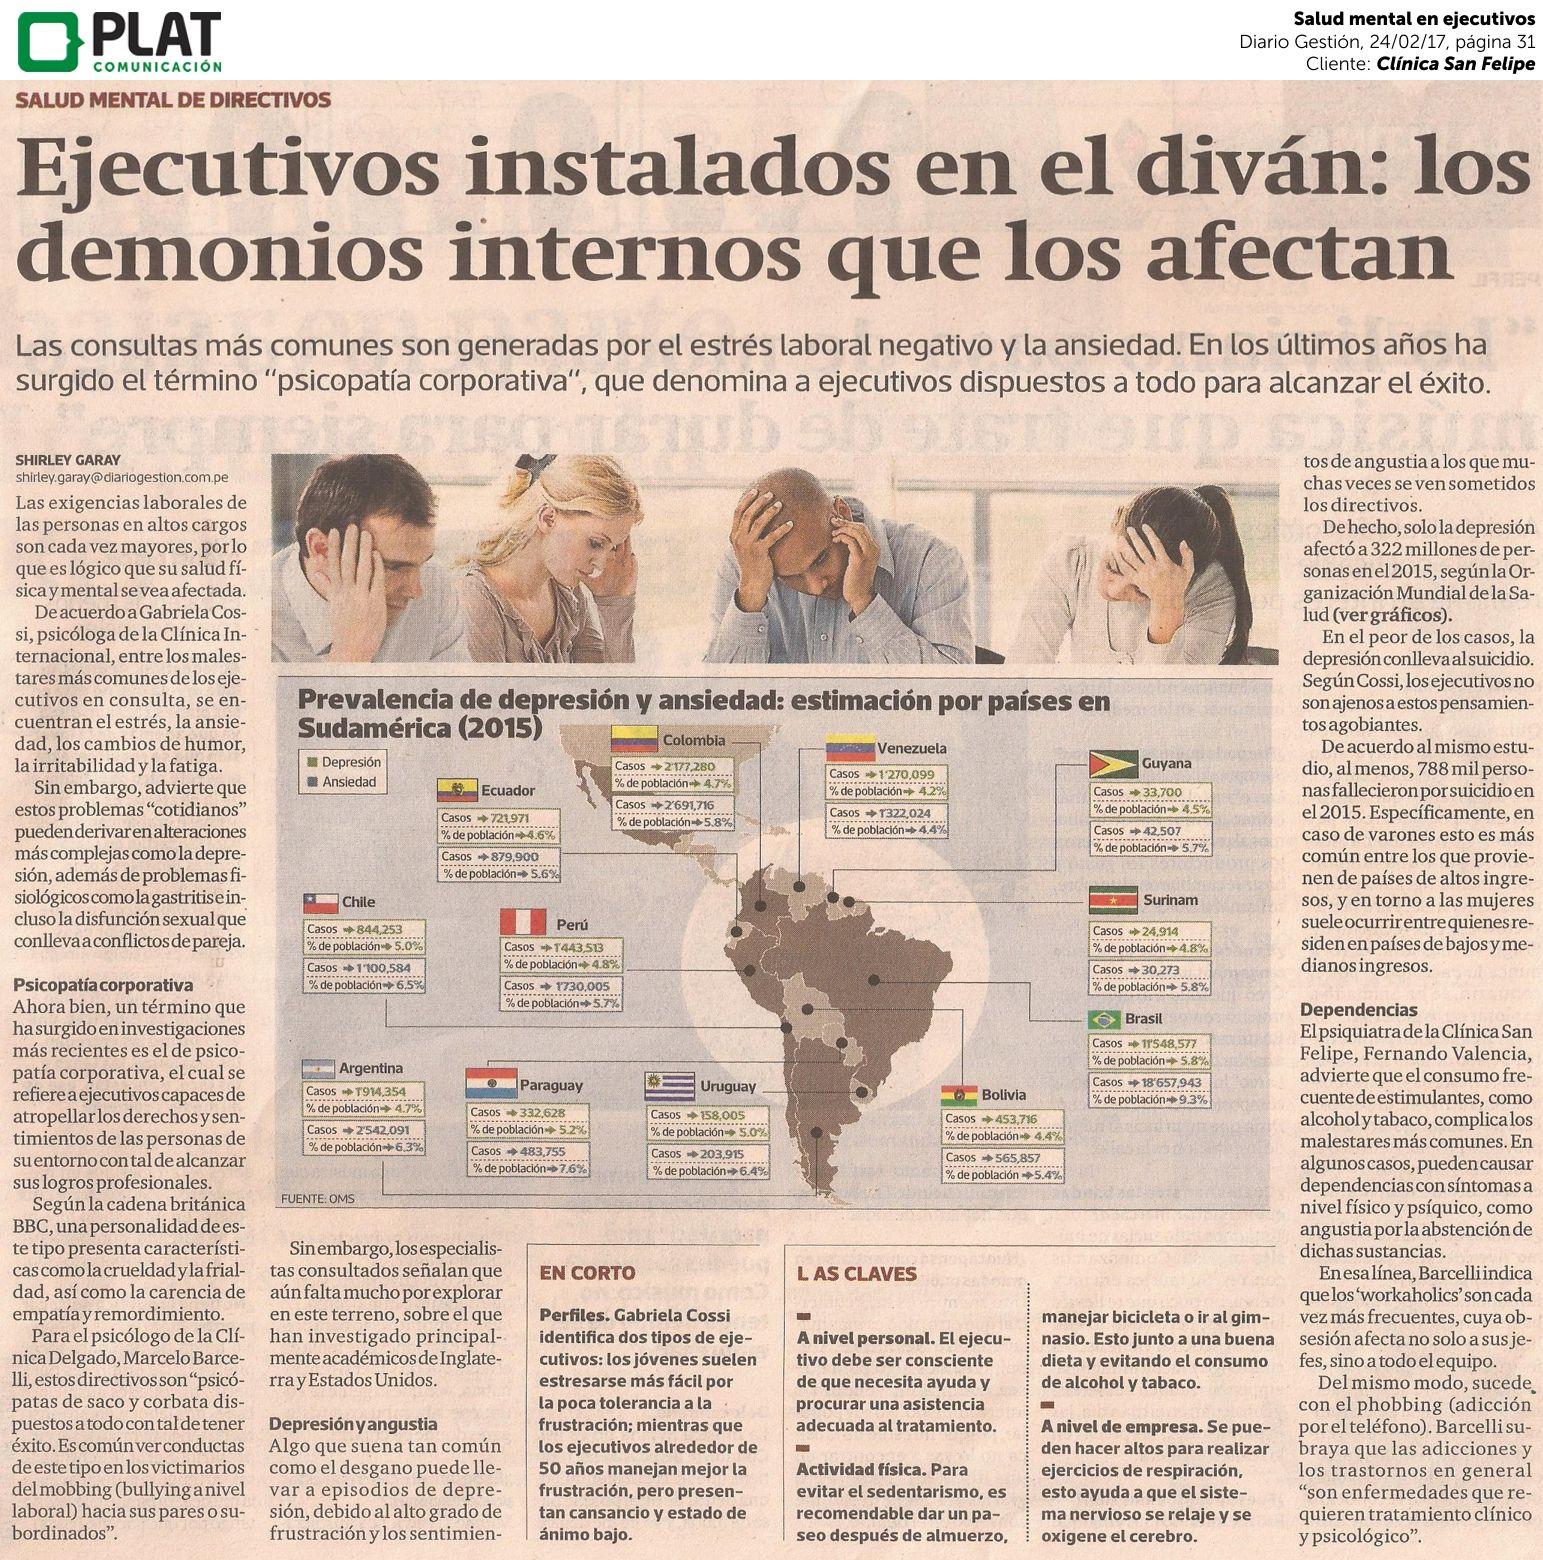 Clínica San Felipe: Salud mental en ejecutivos en el diario Gestión de Perú (24/02/17)